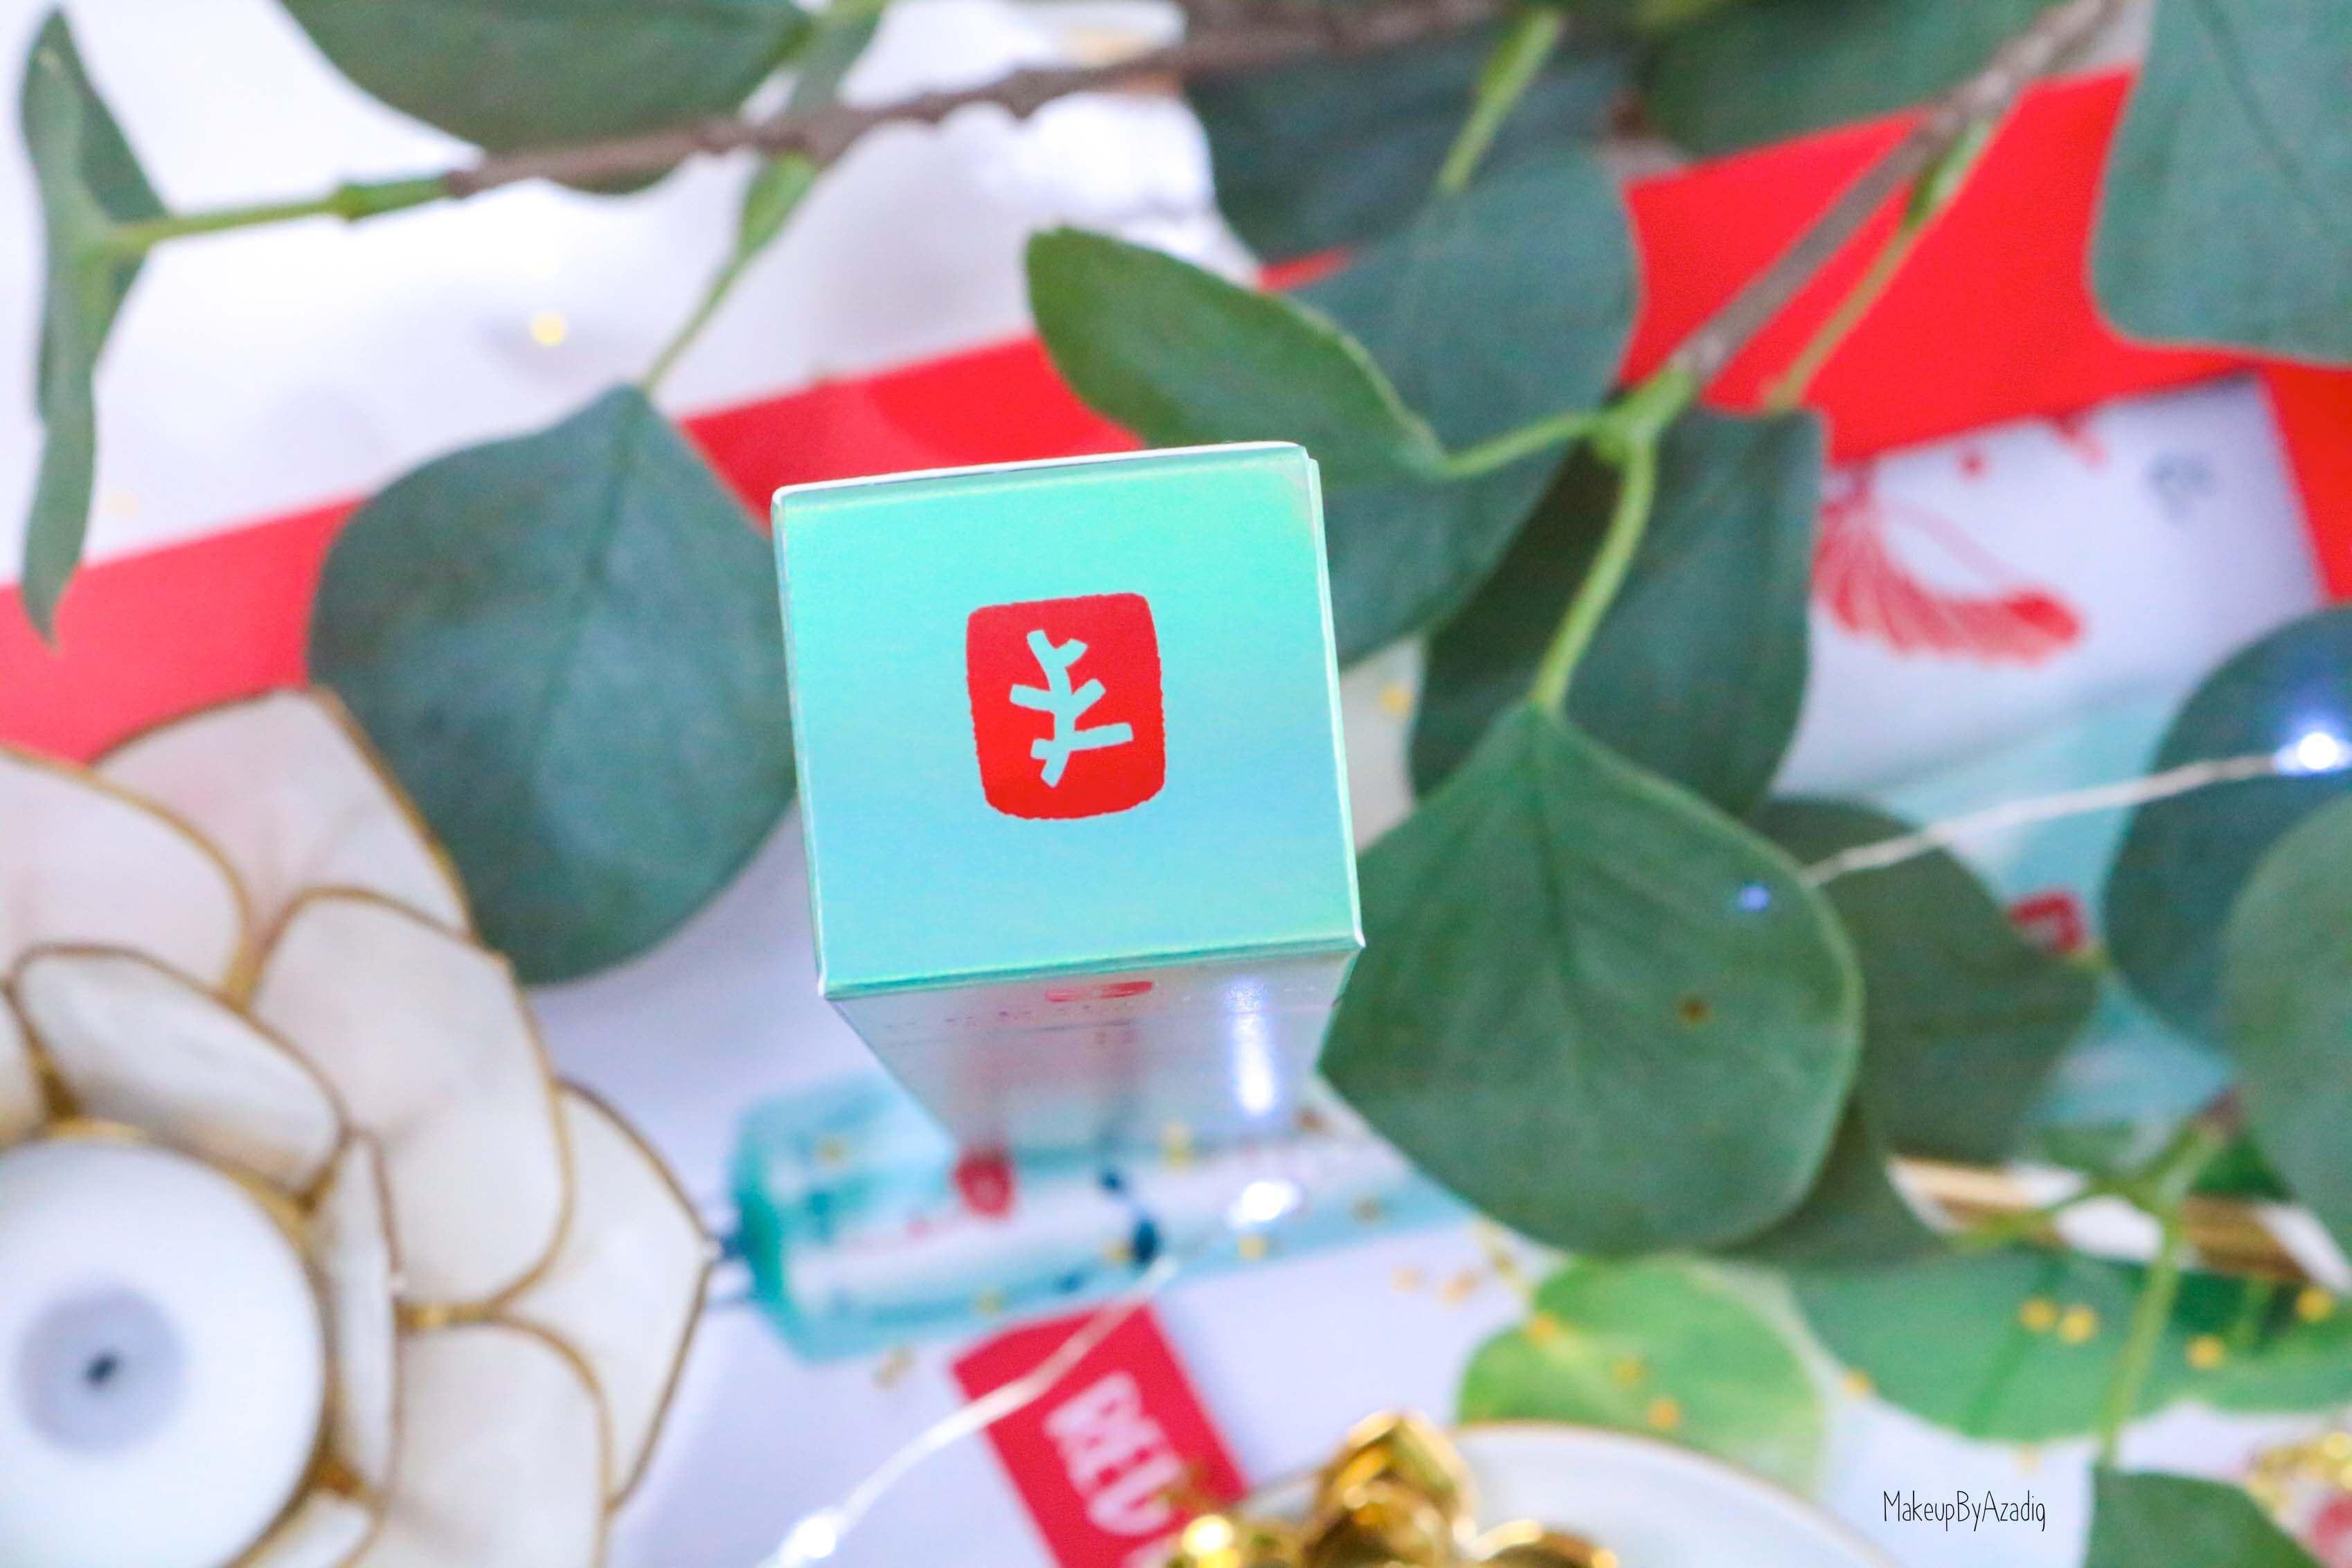 revue-nouveaute-erborian-cc-red-correct-correcteur-rougeurs-avis-prix-makeupbyazadig-logo